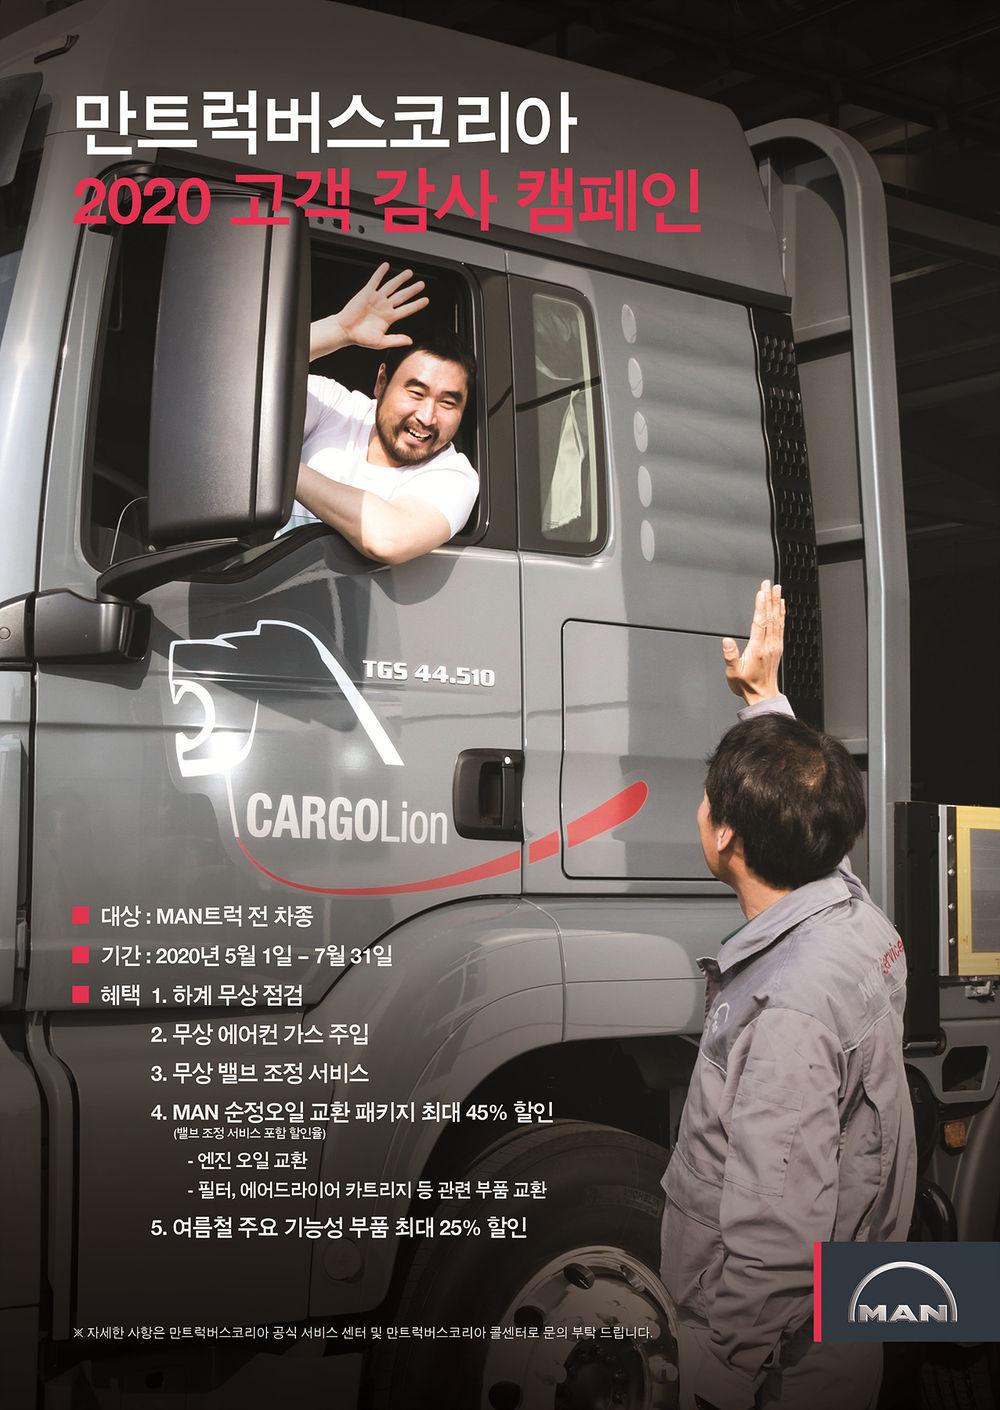 만트럭버스코리아, 서비스 캠페인 시행